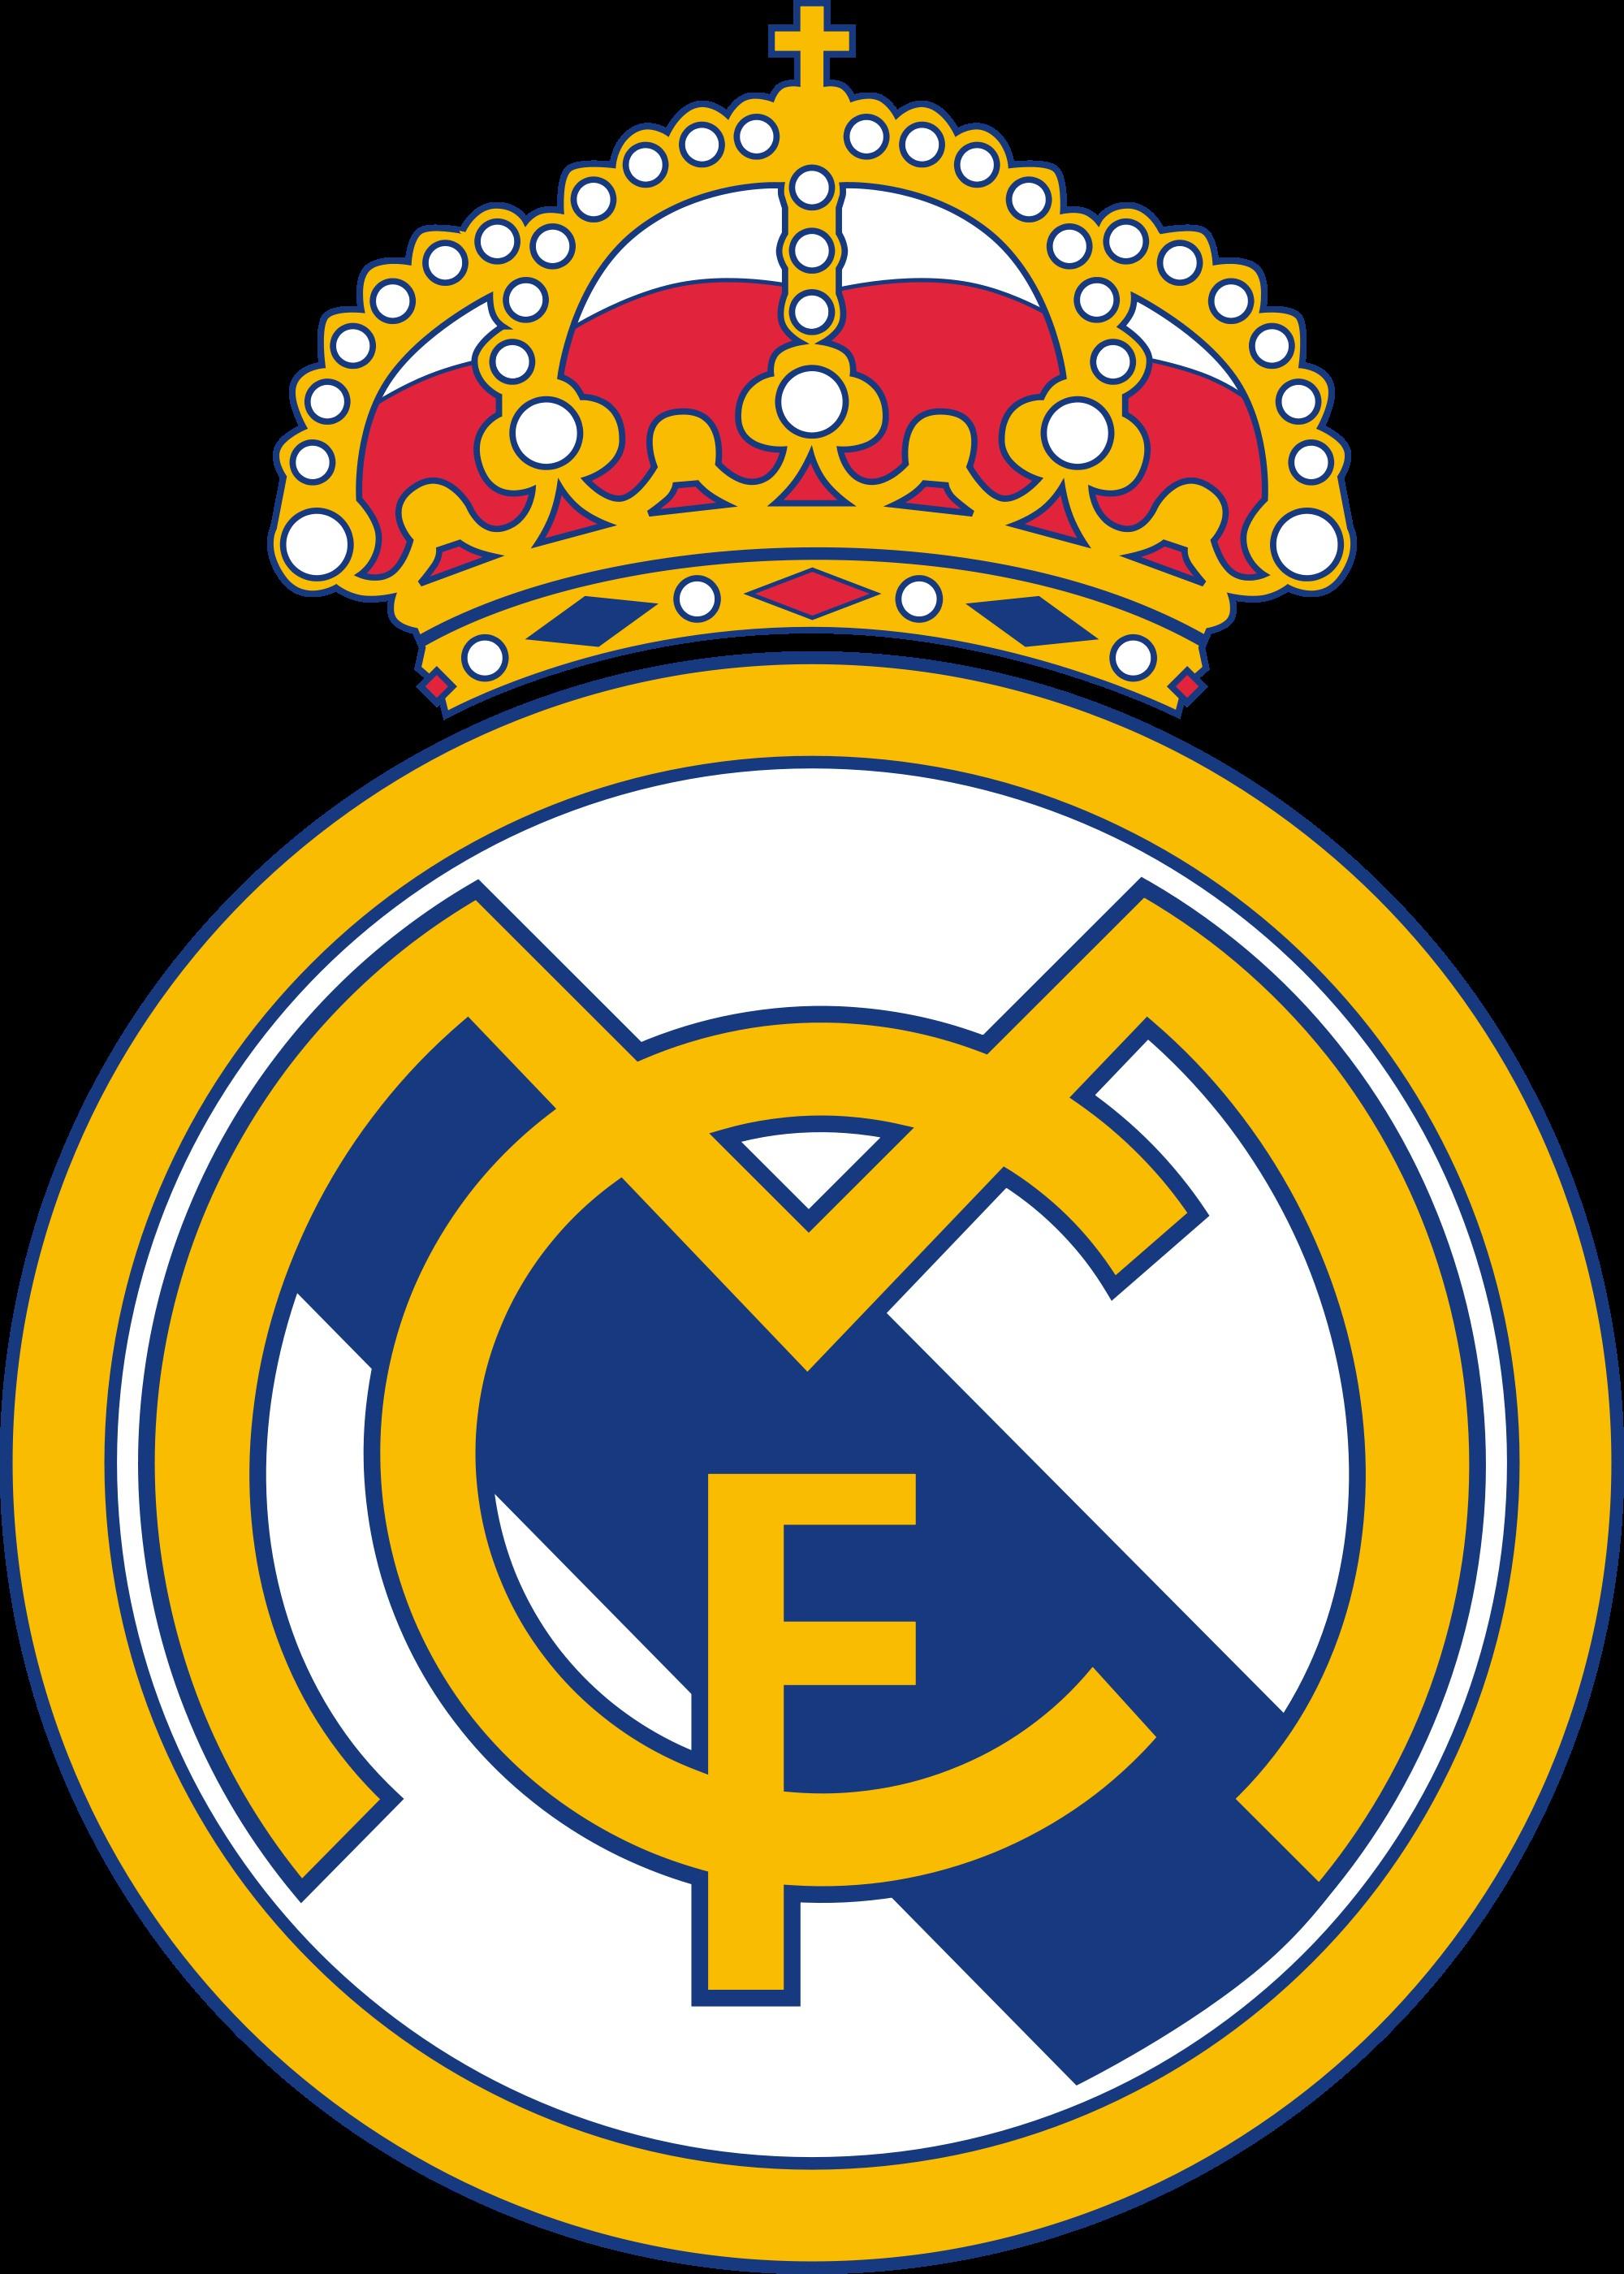 Logotipo Del Real Madrid Real De Madrid Equipos De Futbol Europeos Logos De